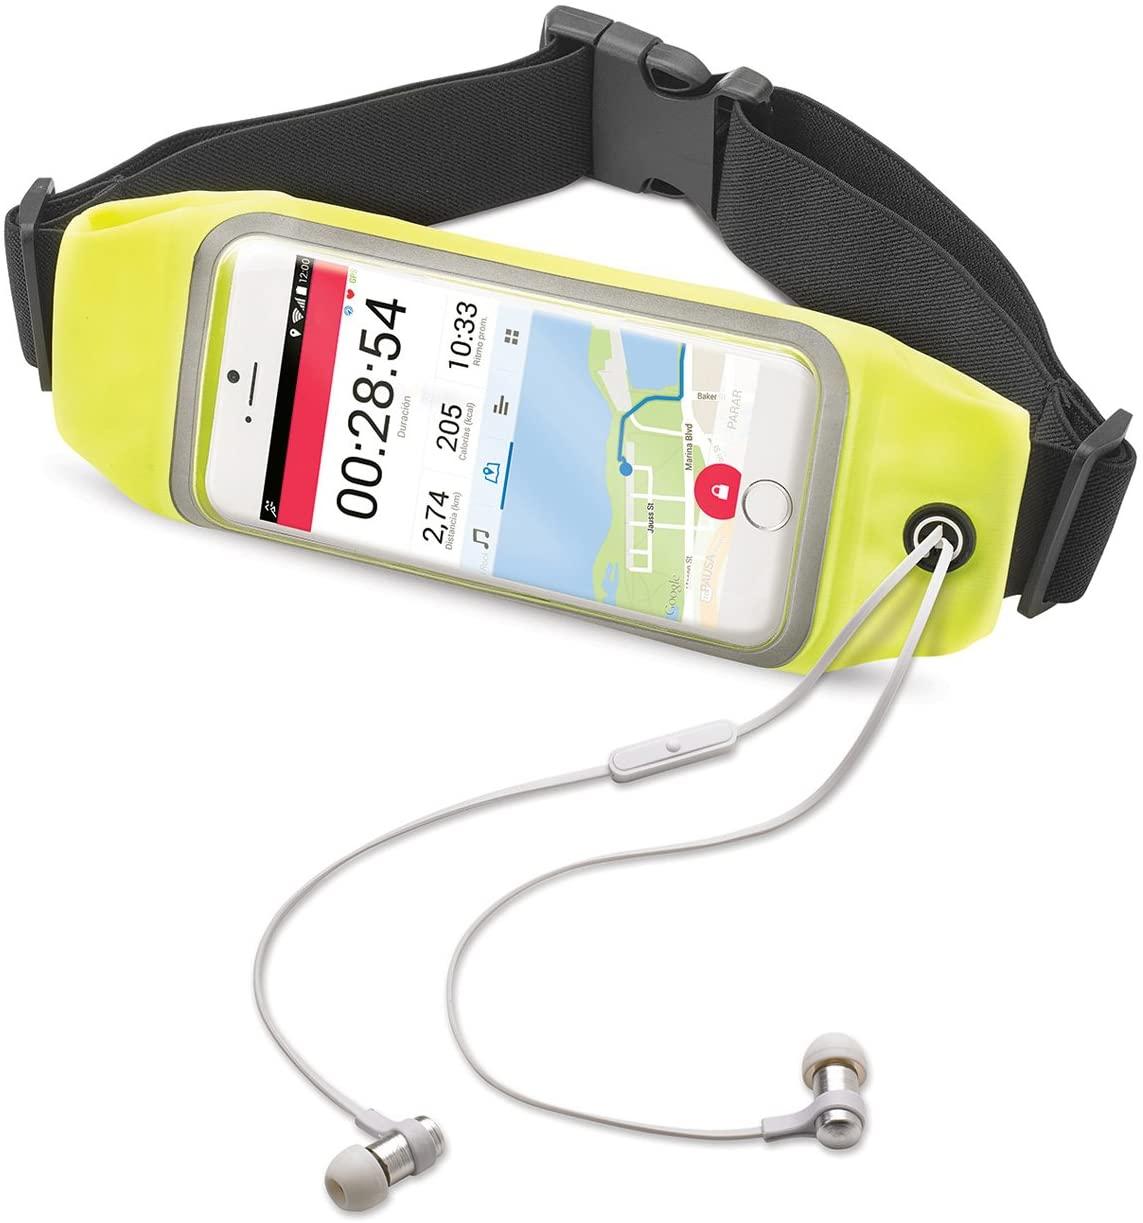 Celly RunBeltView Cintura Elastica da Corsa con Passaggio Auricolari